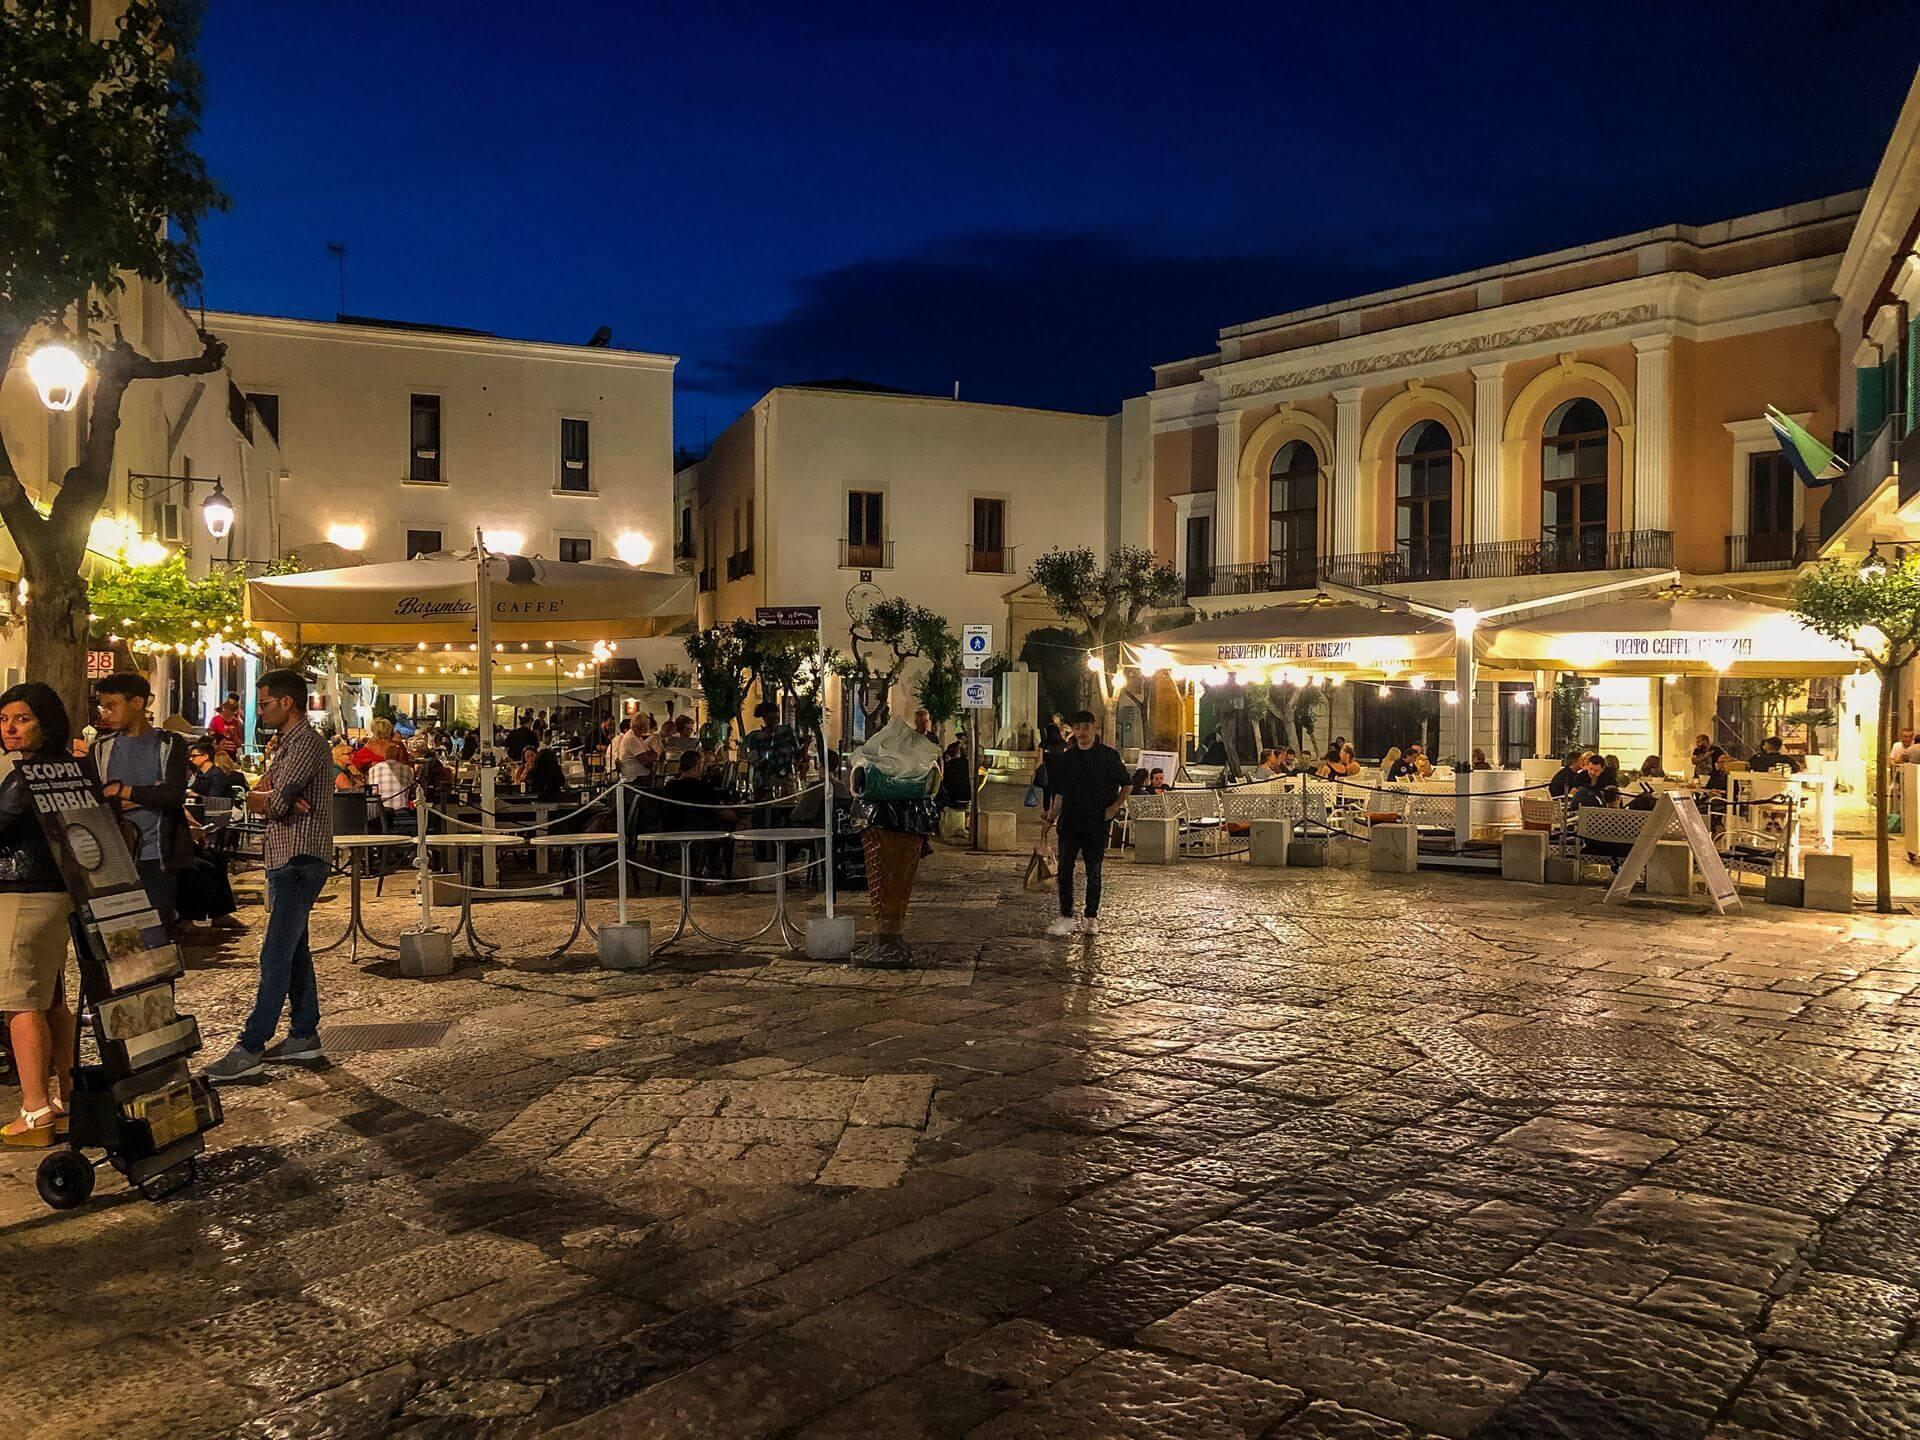 Monopoli Apulia co zobaczyć atrakcje restauracje nocleg przewodnik